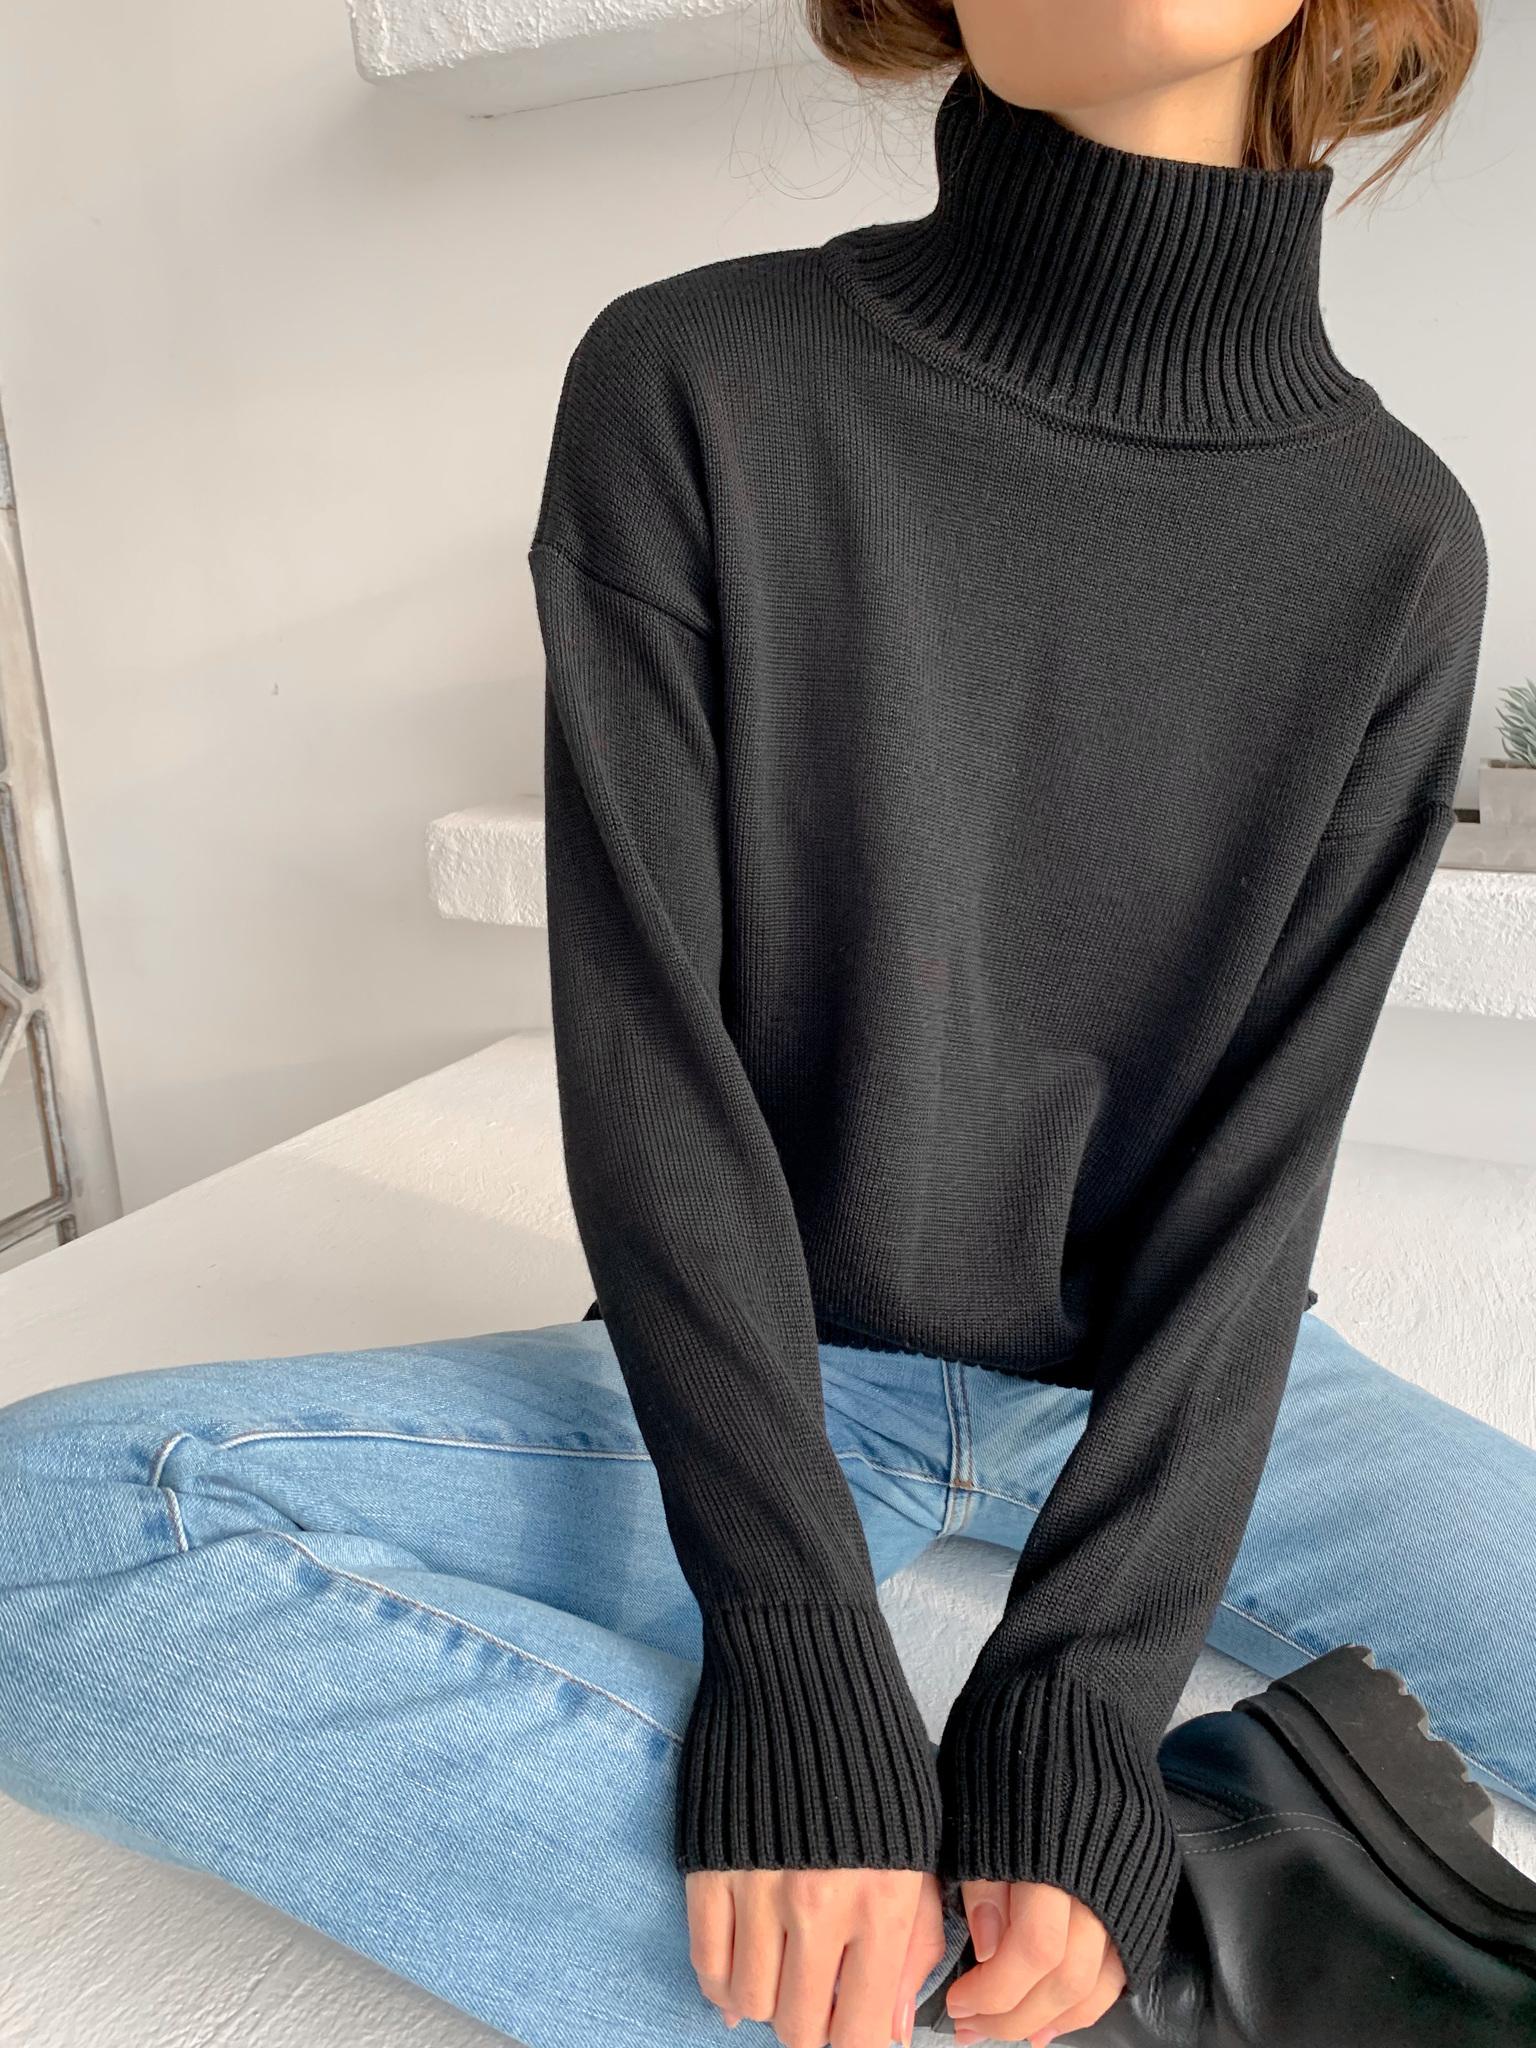 Свитер с горлом (черный) (one size)